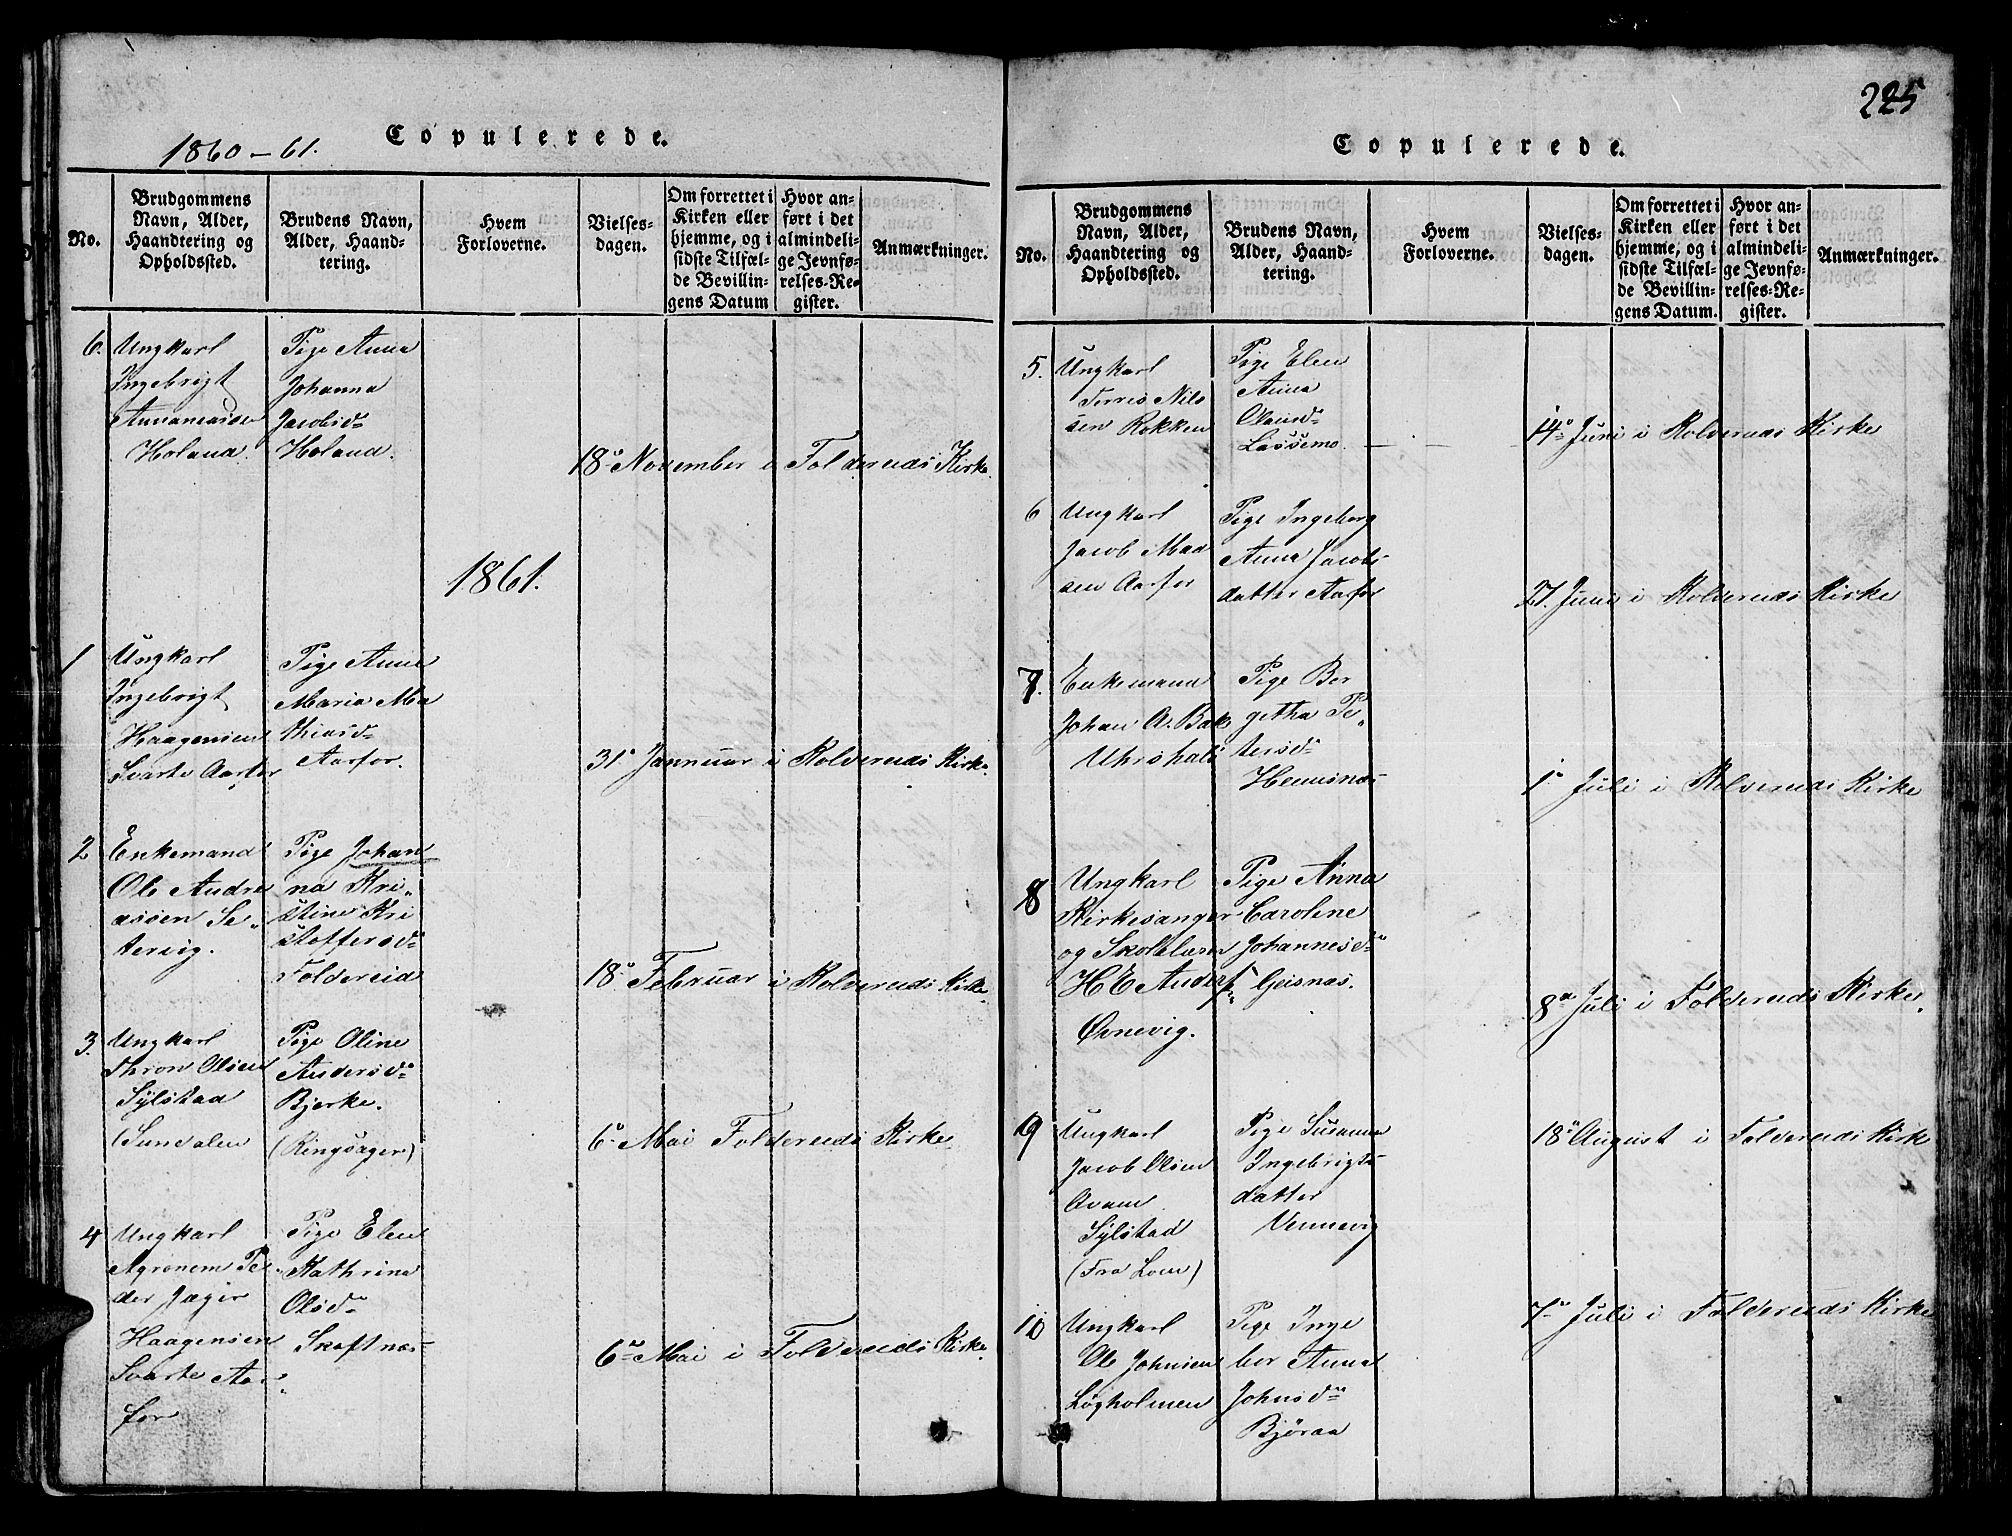 SAT, Ministerialprotokoller, klokkerbøker og fødselsregistre - Nord-Trøndelag, 780/L0648: Klokkerbok nr. 780C01 /3, 1815-1877, s. 225